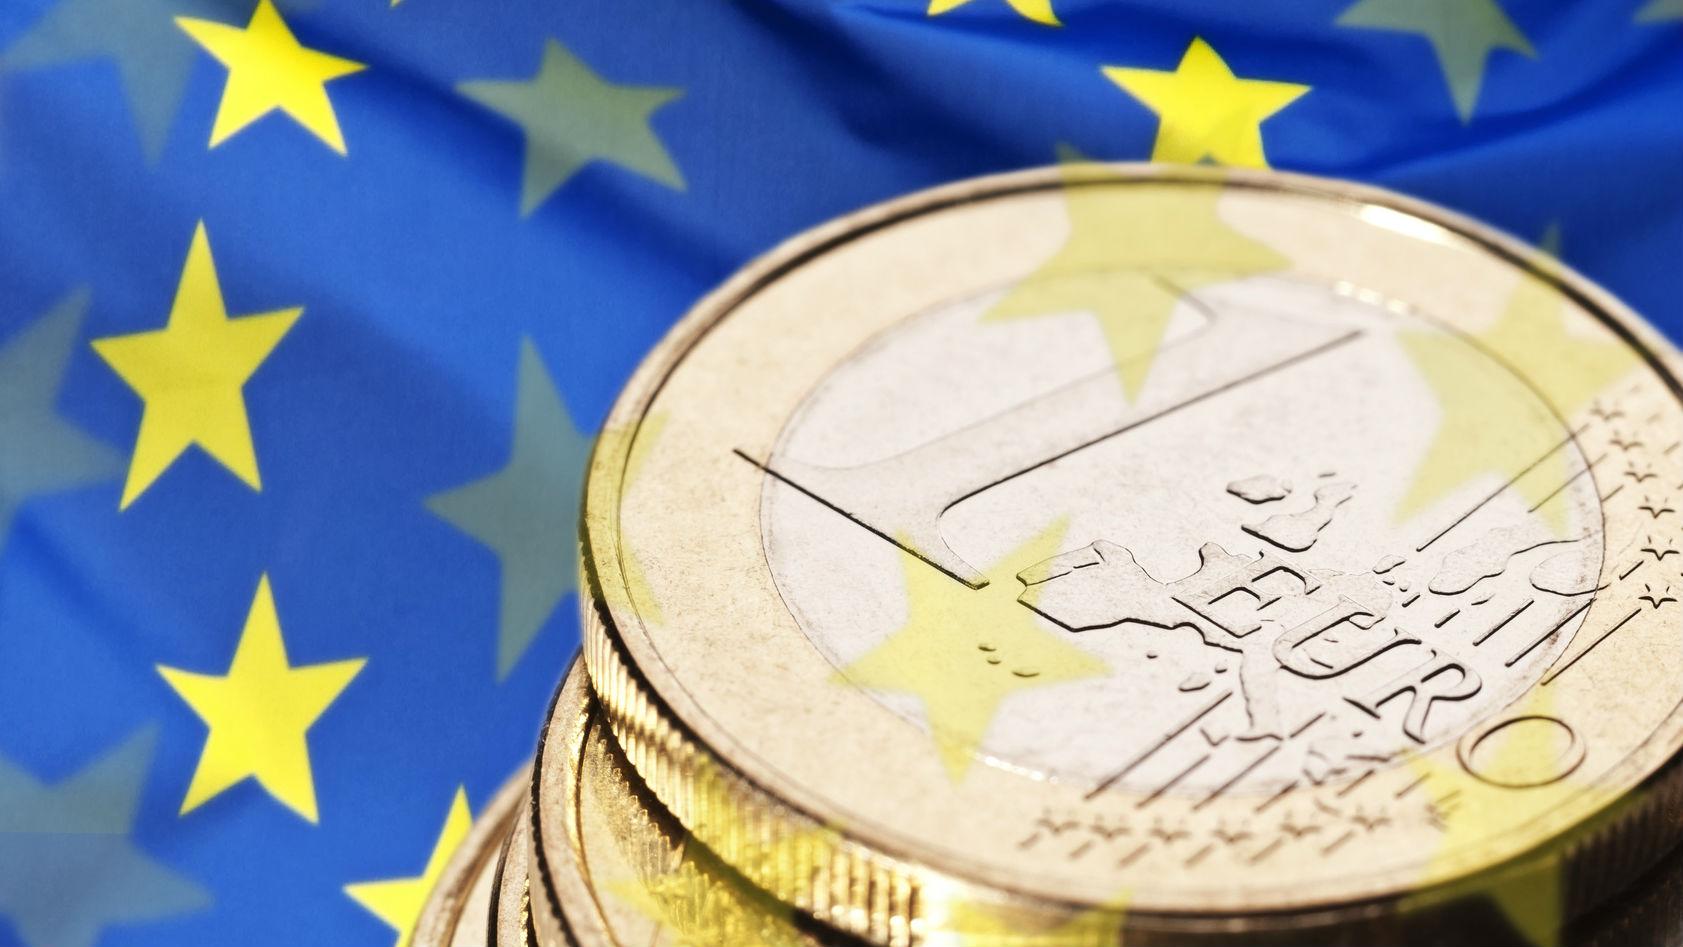 Zece propuneri pentru accelerarea absorbţiei fondurilor europene în România